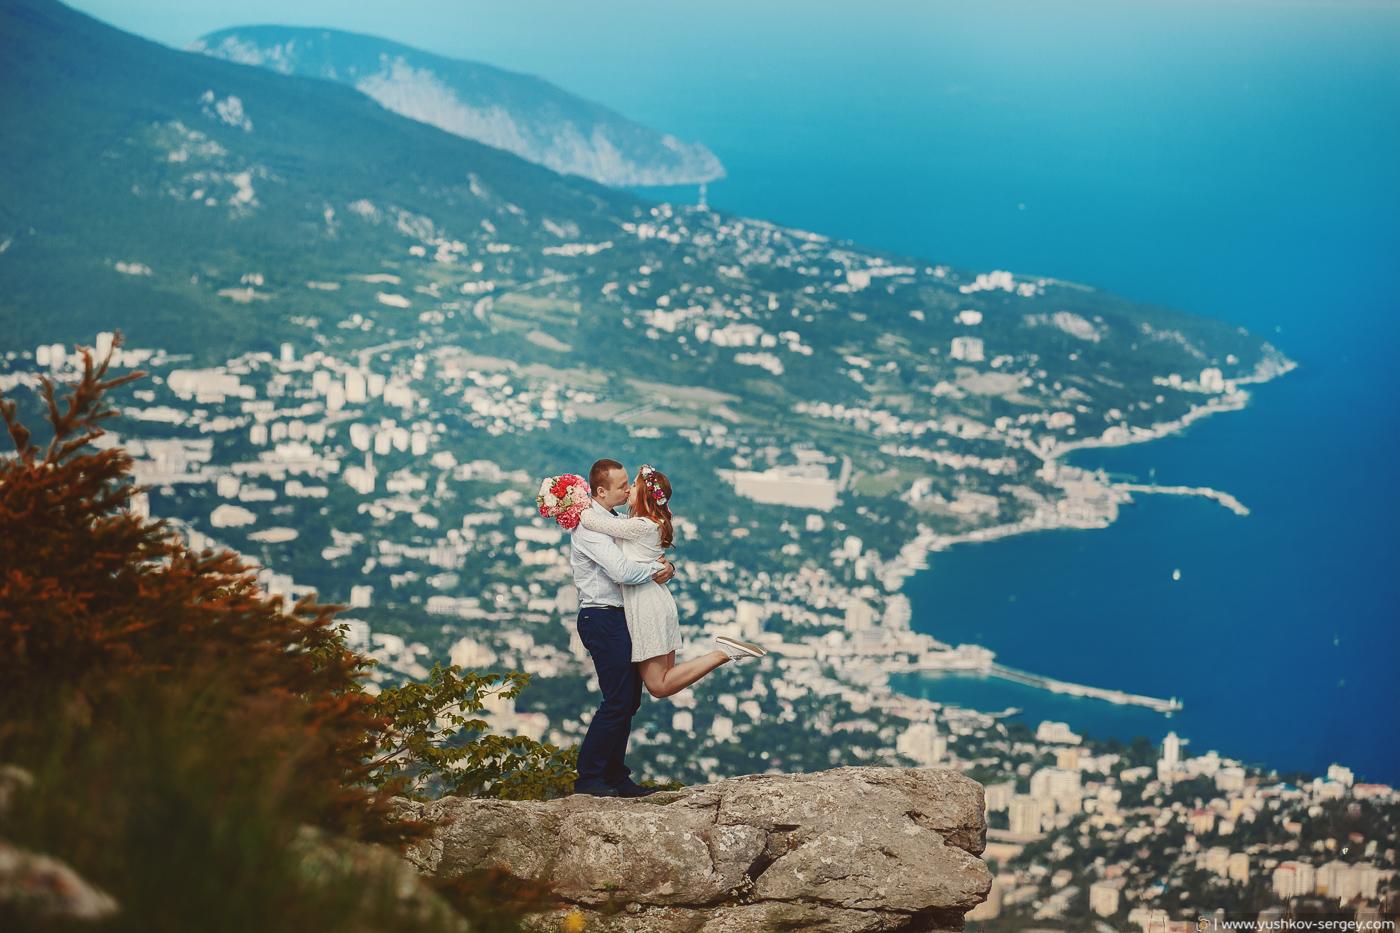 Wedding photosession on Ai-Petri